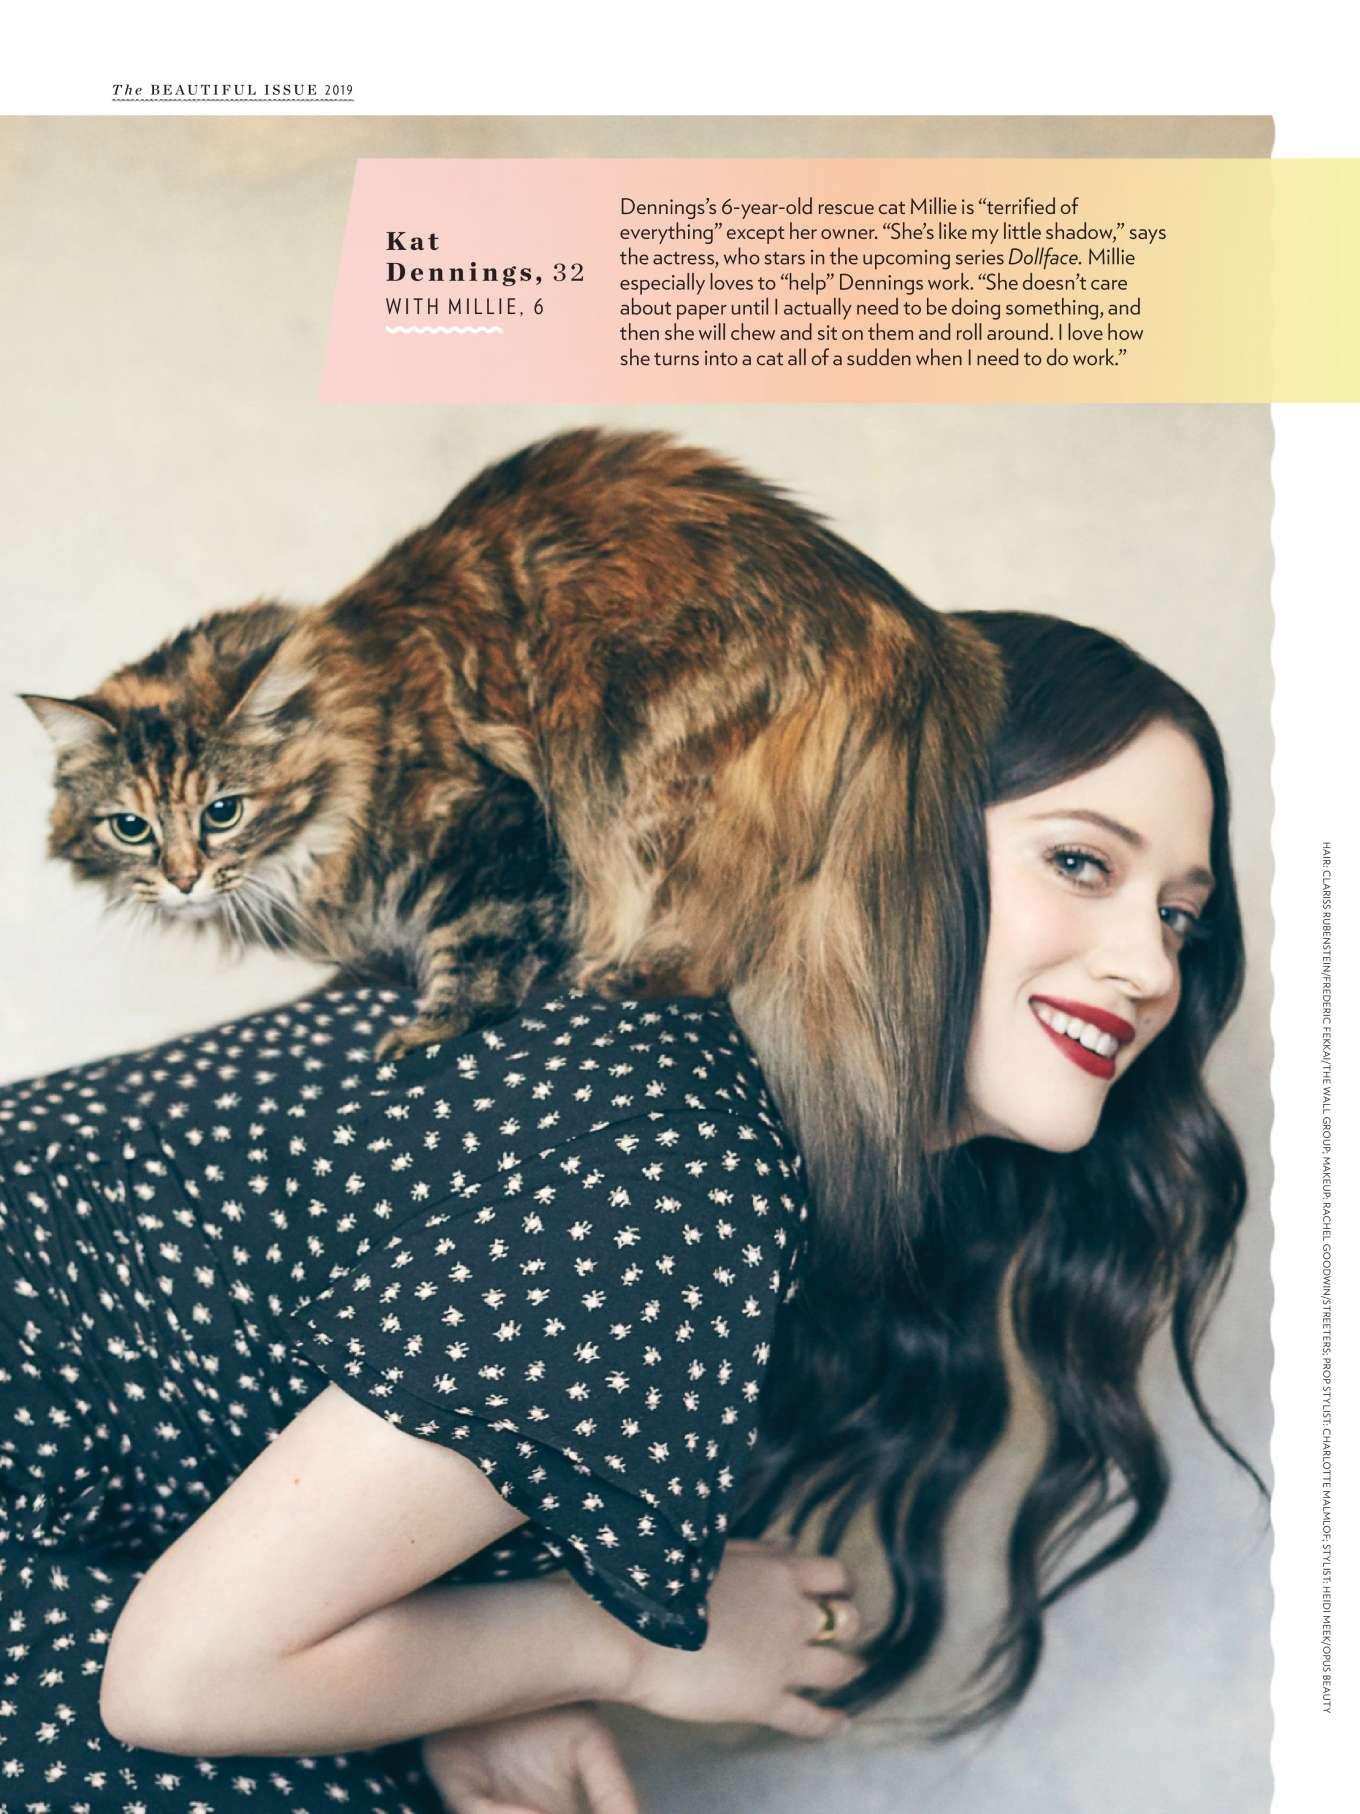 Kat Dennings 2019 : Kat Dennings for People Magazine 2019 -01